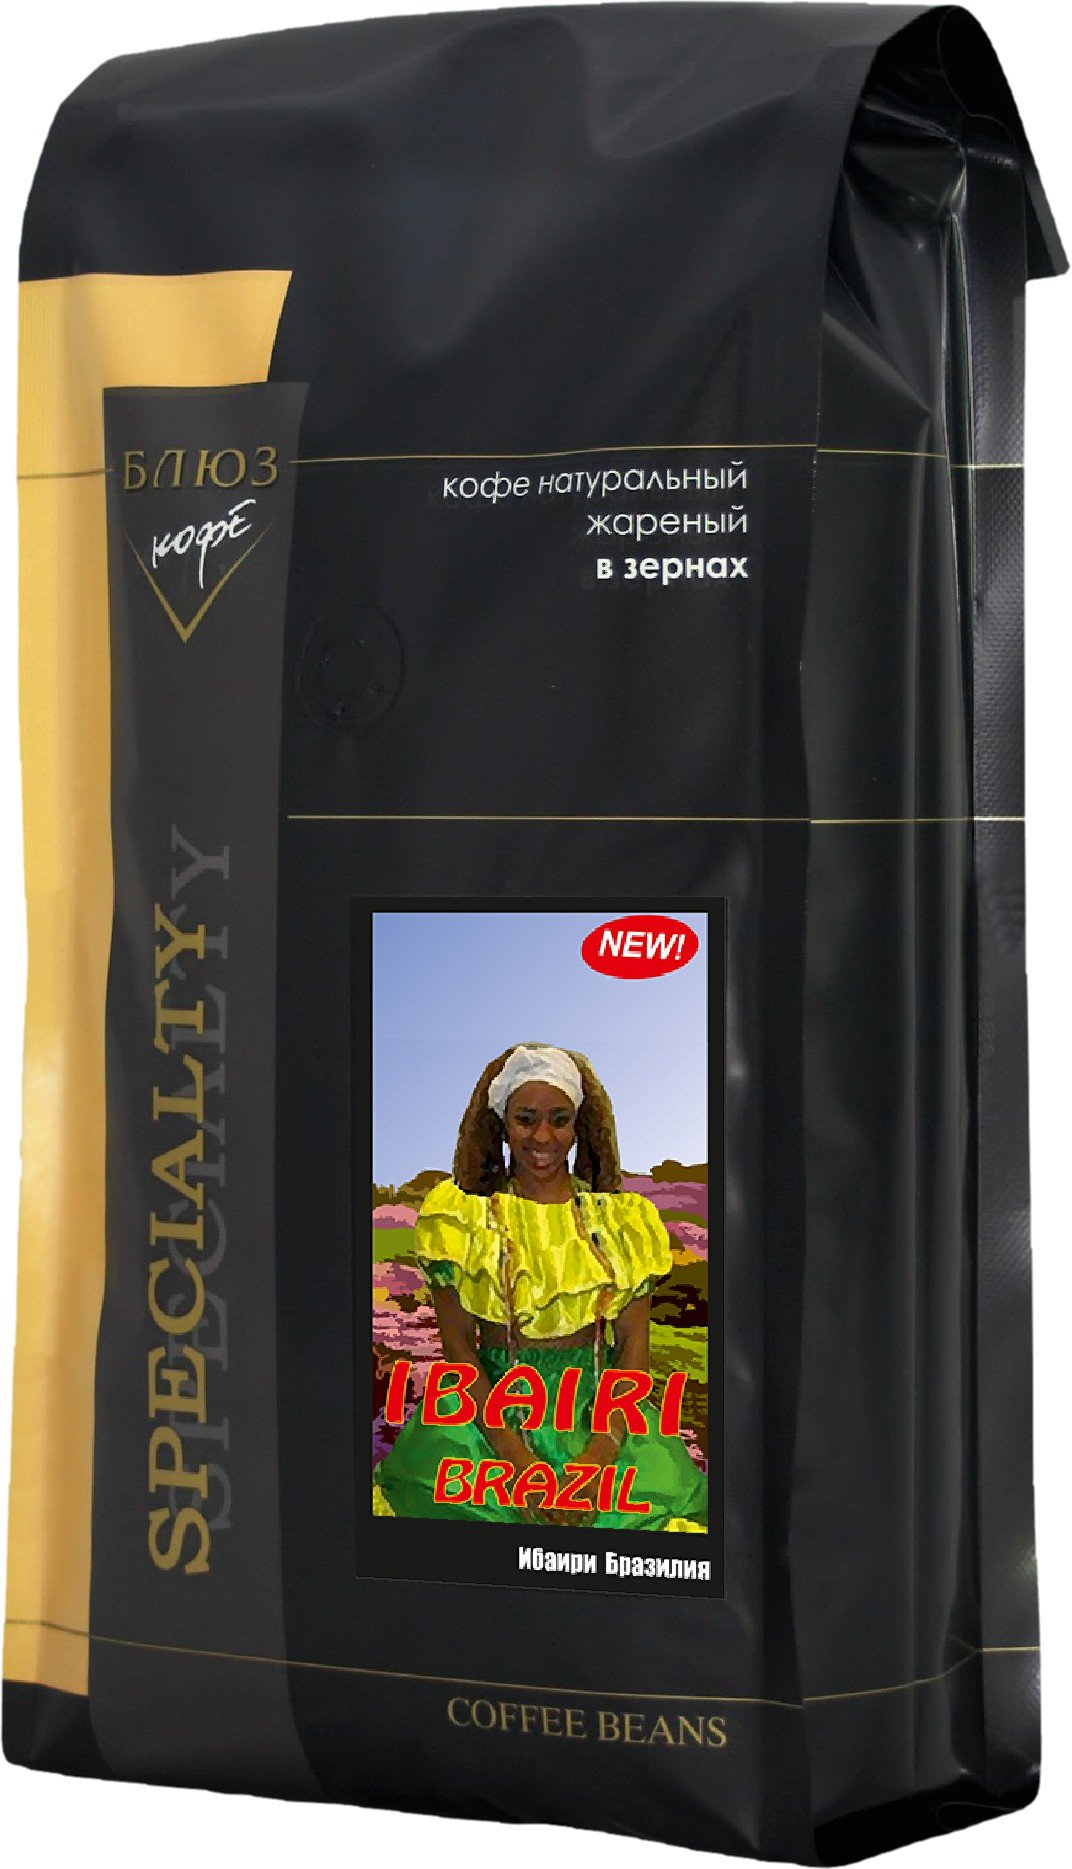 Кофе в зёрнах Бразилия Ибаири, 1 кг